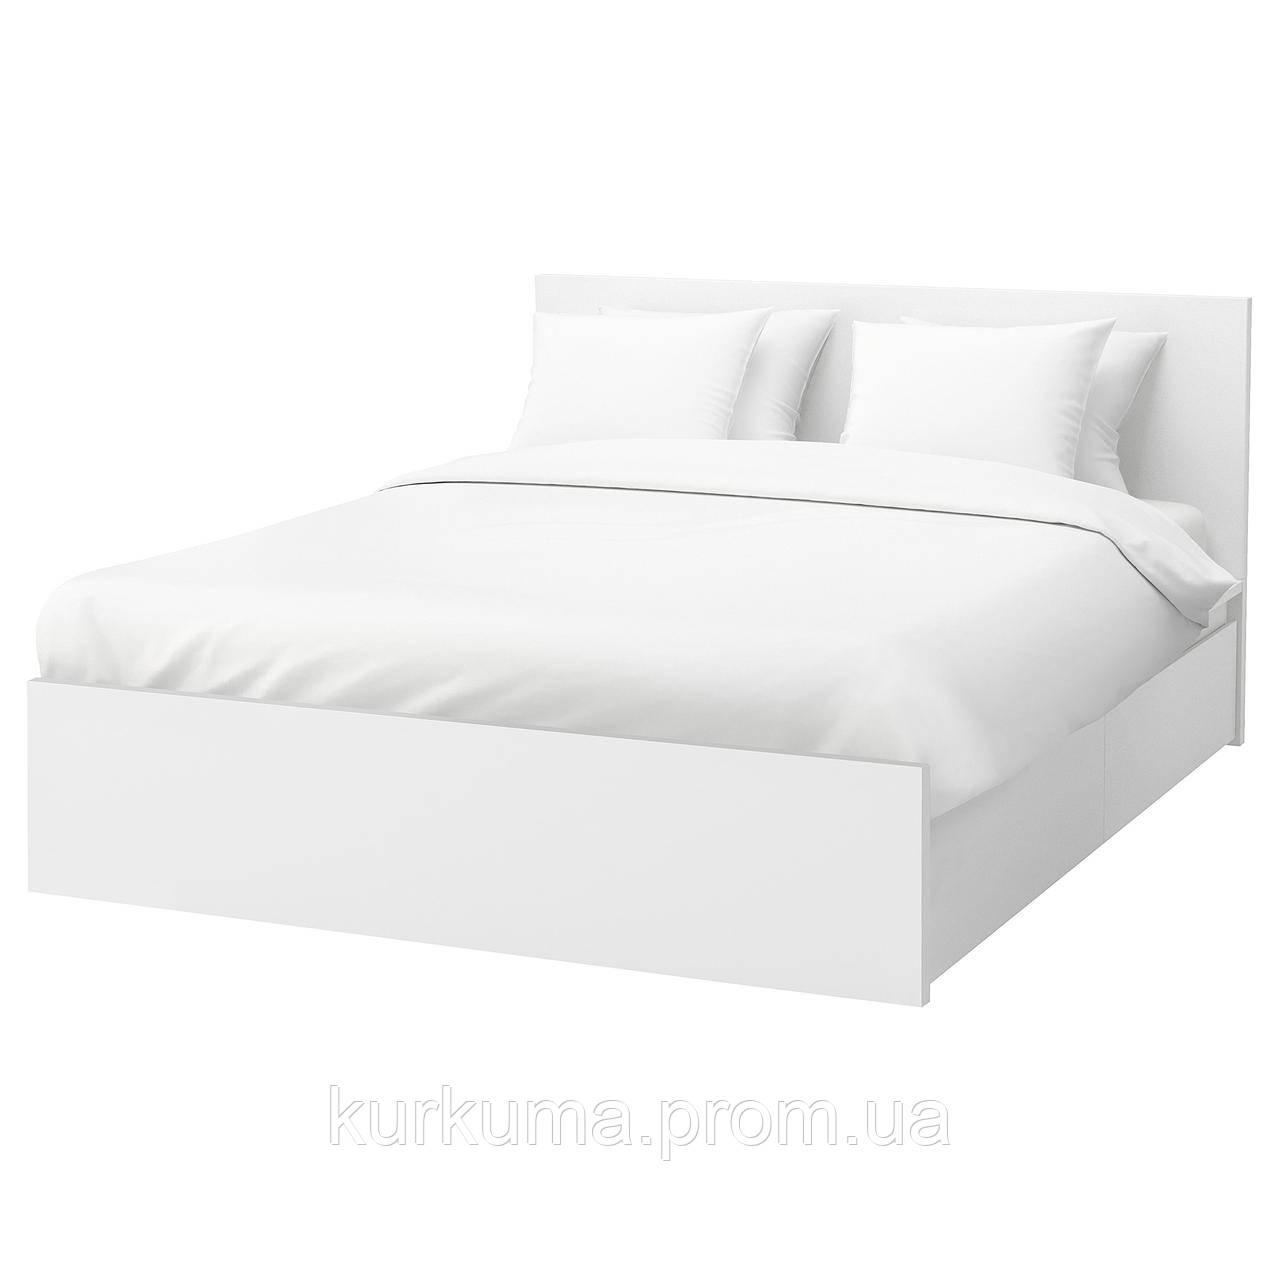 IKEA MALM Кровать высокая, 4 ящика, белый, Лурой  (390.024.42)